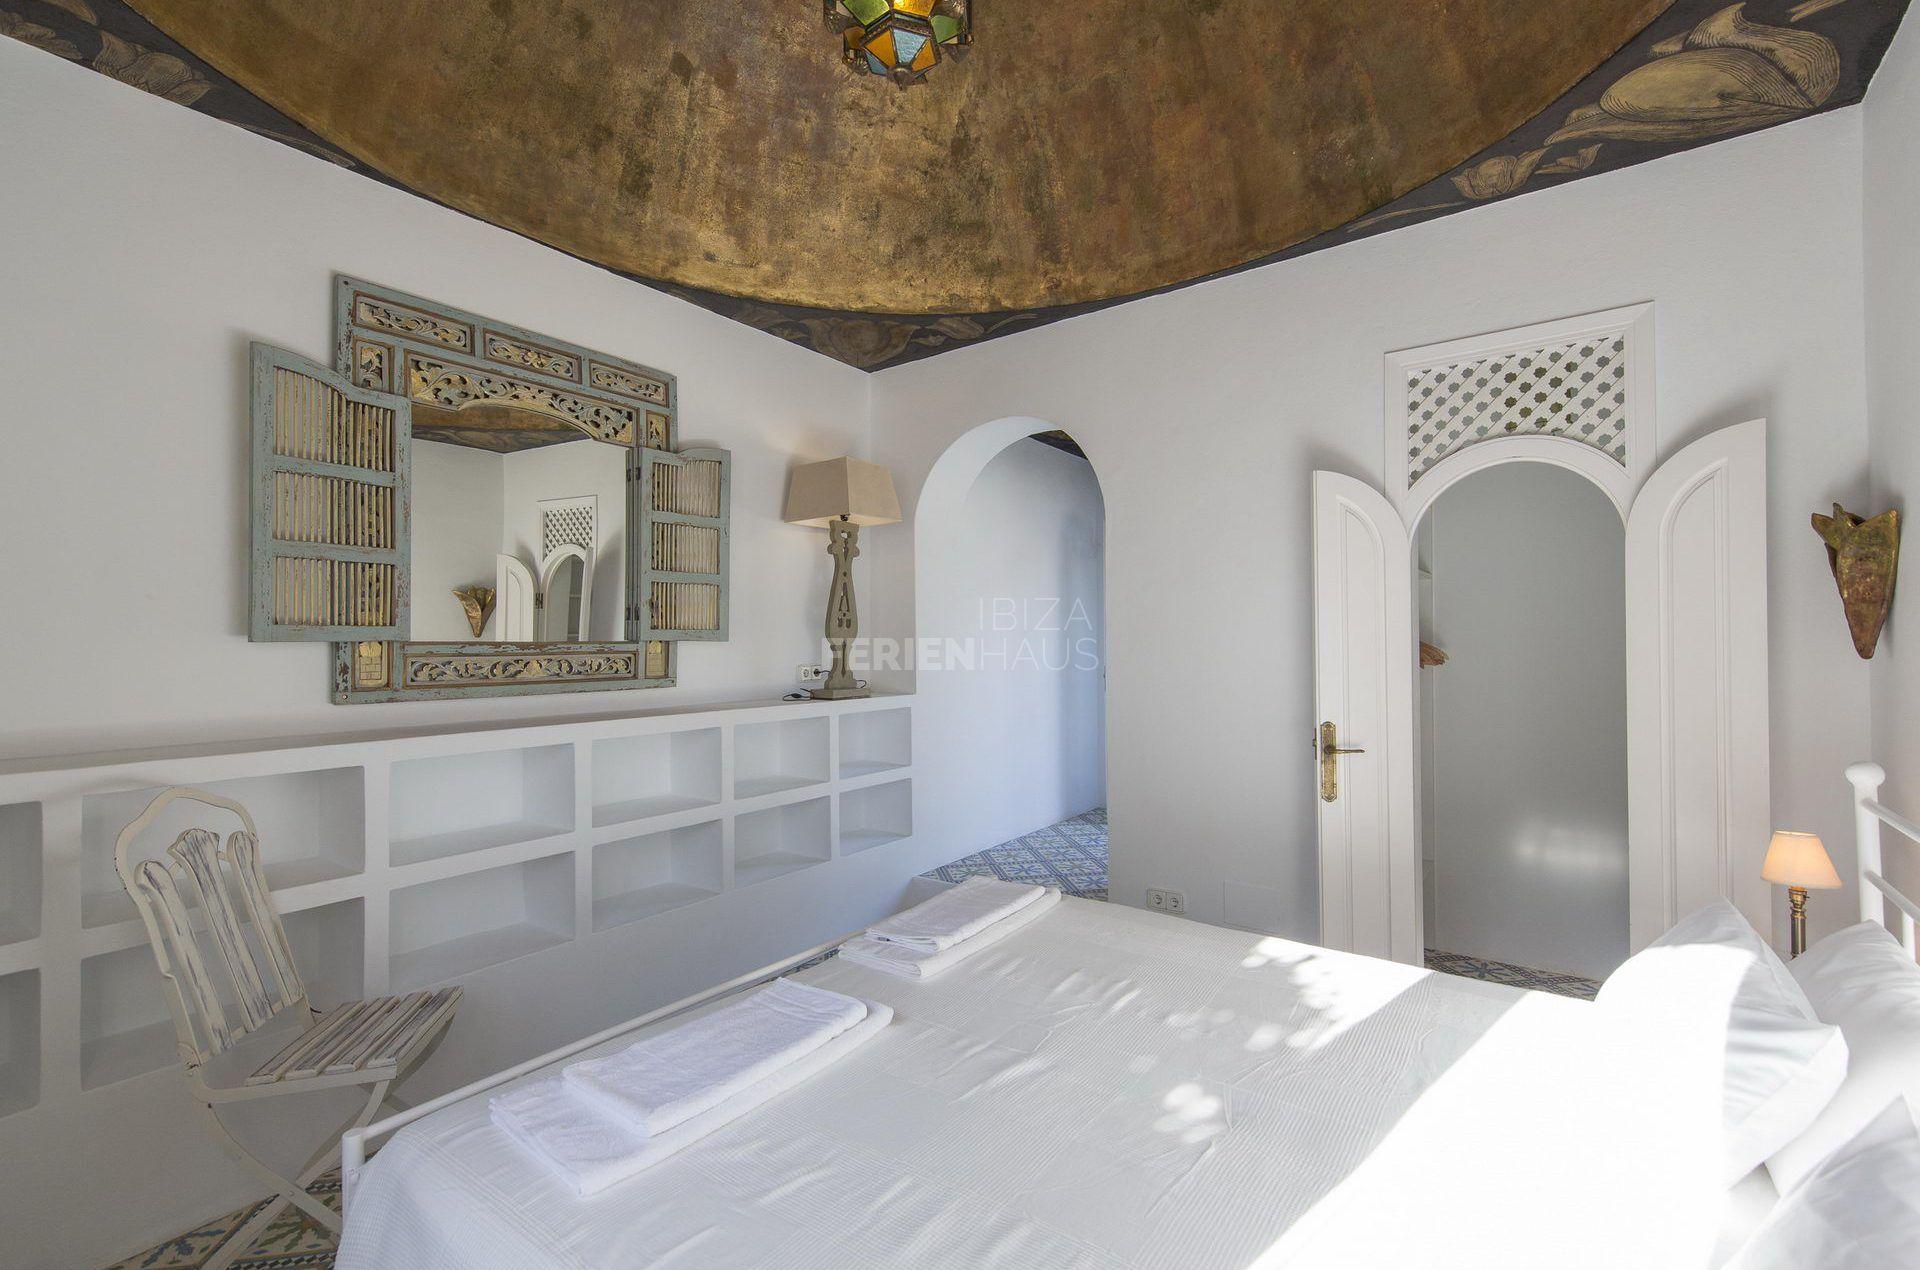 Pool Suite Room Bedroom 6